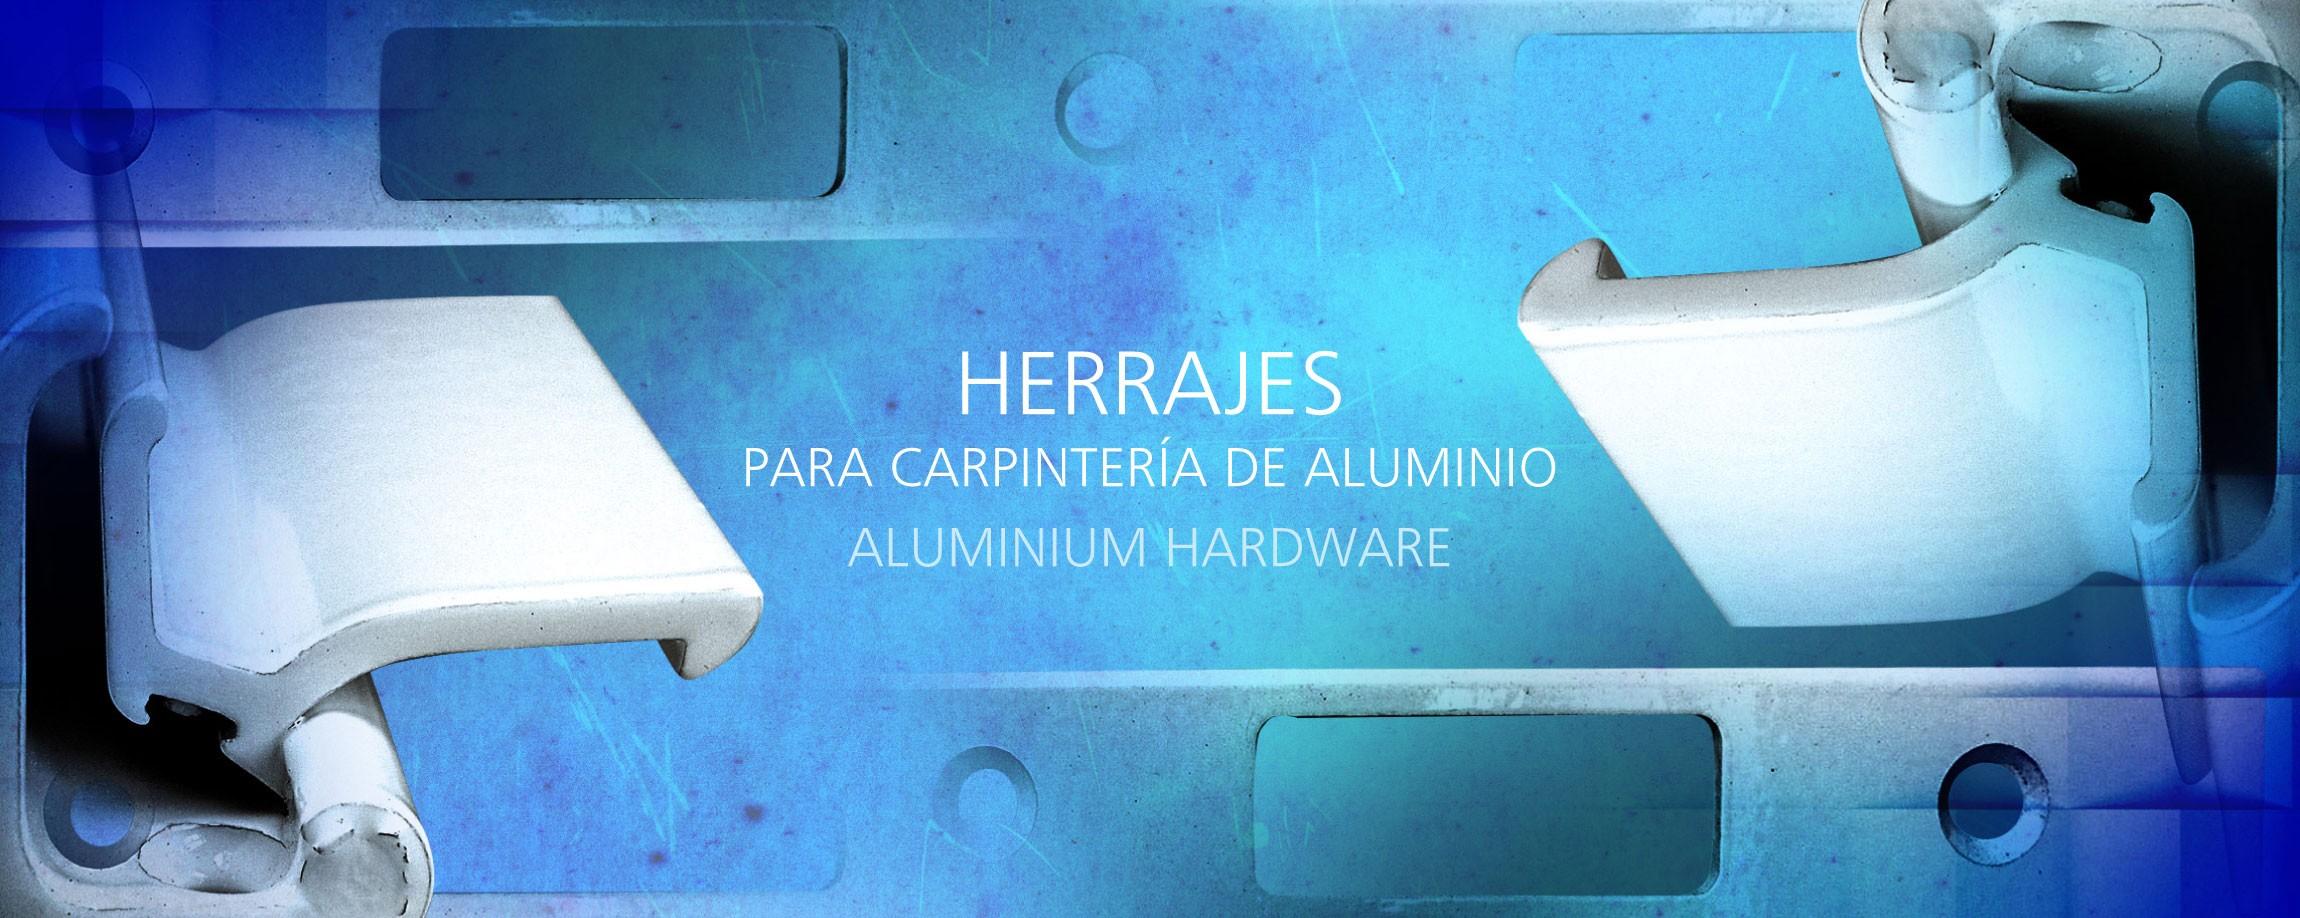 Diseño continuo para Carpintería de aluminio